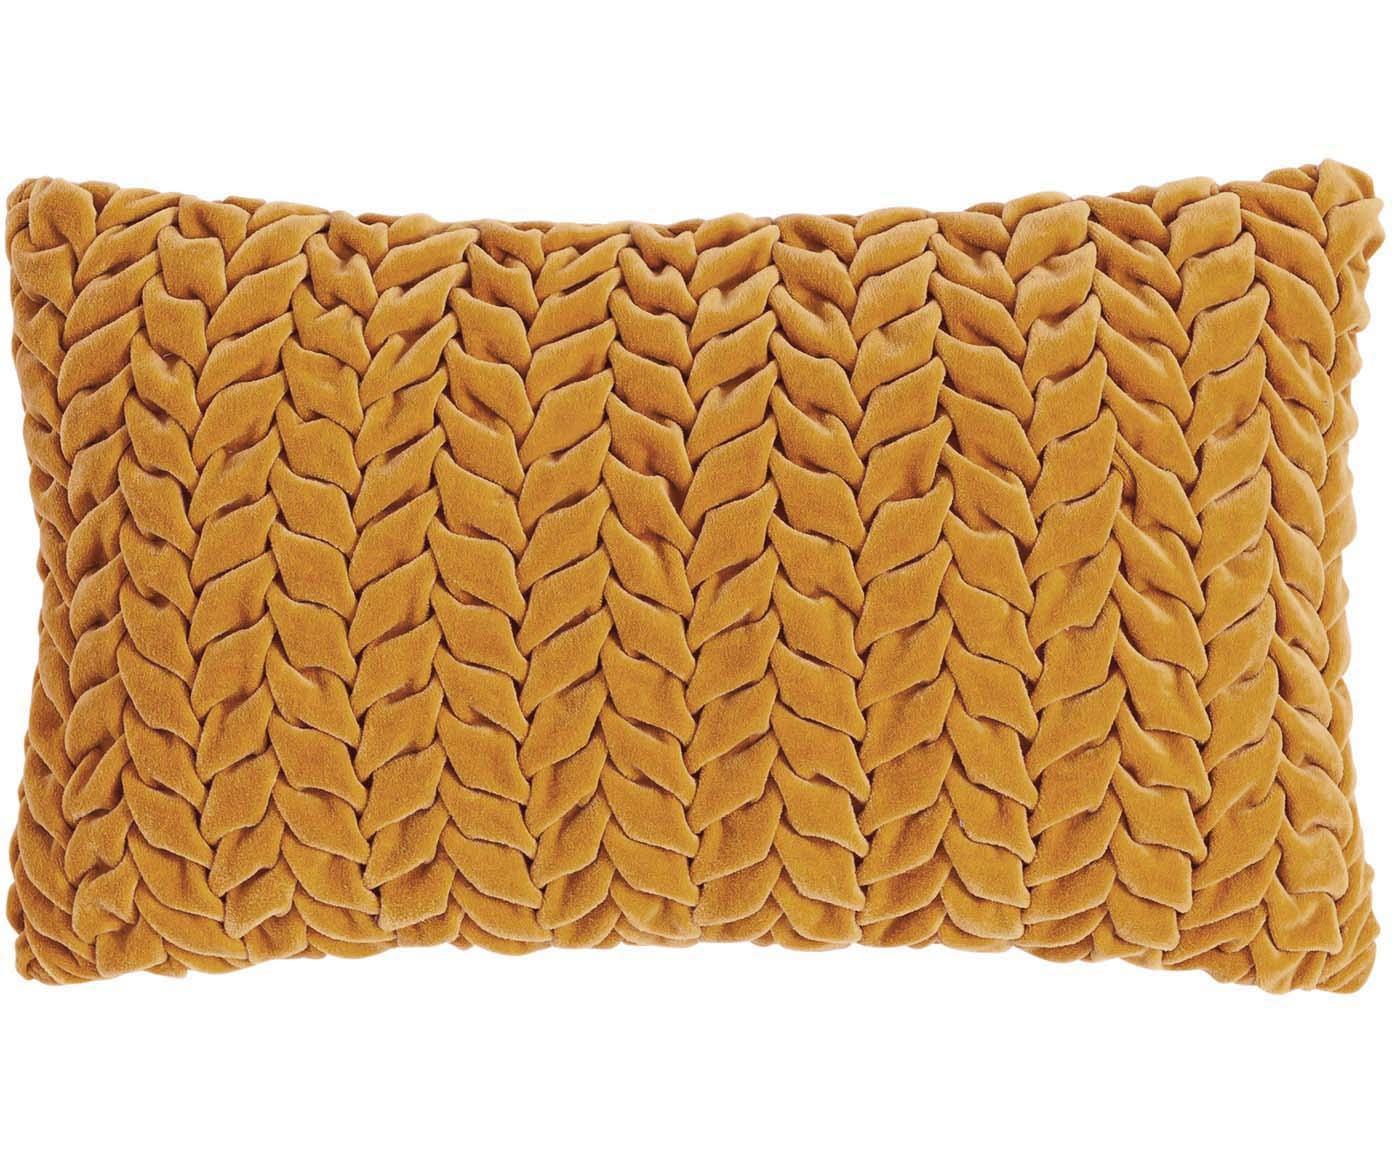 Fluwelen kussen Smock, met vulling, Bovenzijde: katoen fluweel, Onderzijde: katoen, Geel, 30 x 50 cm